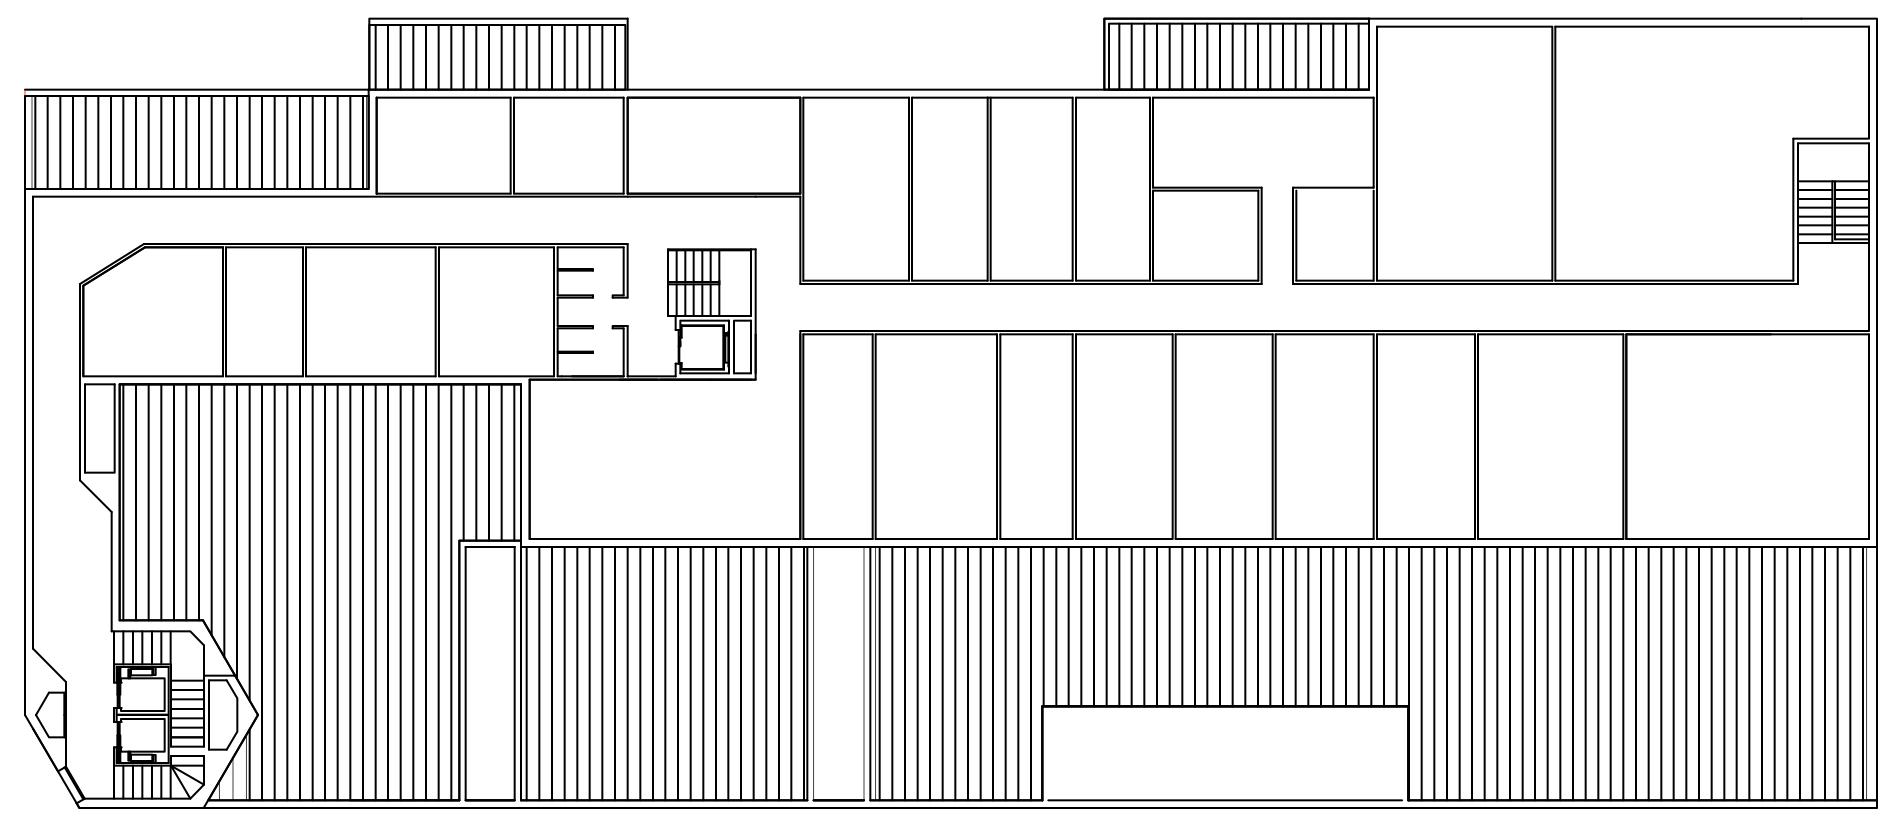 Concurso para la nueva torre y centro de control del Área Terminal de Galicia | Imagen de proyecto4